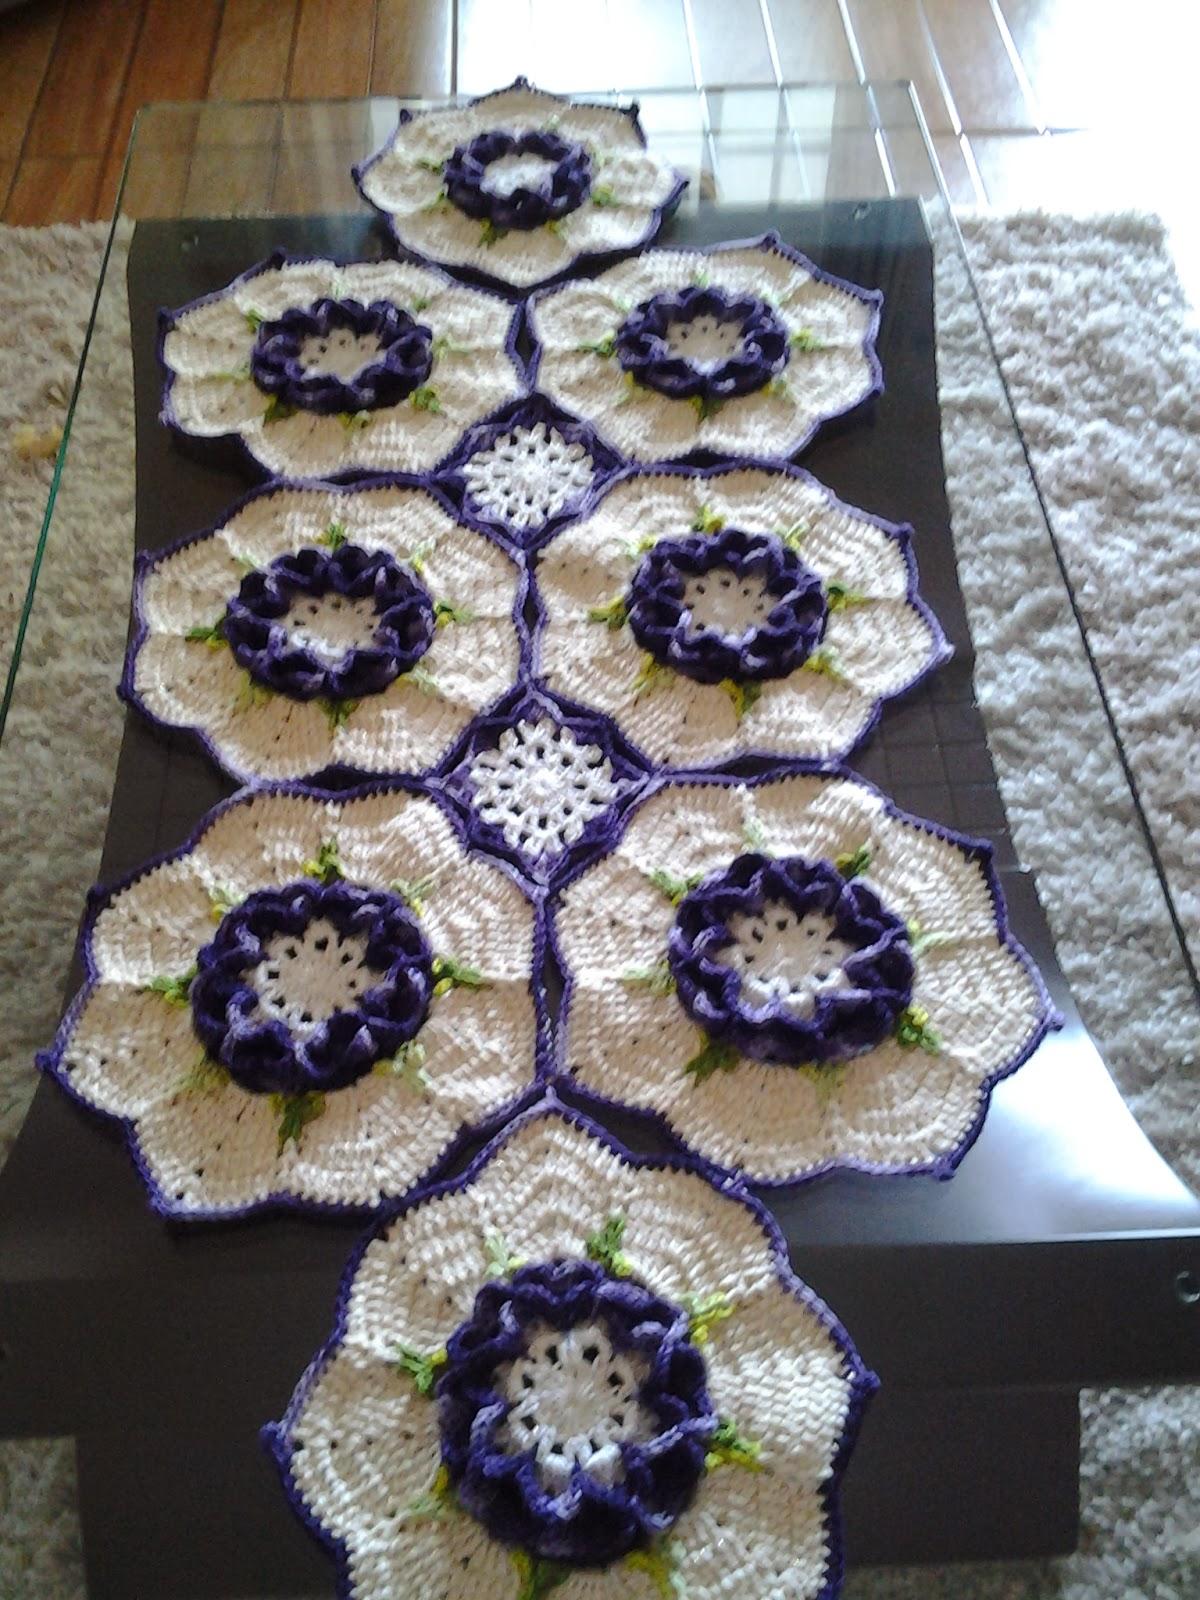 Tapetes da regina tavares cminho de mesa com flor paixao - Tapetes para mesa ...